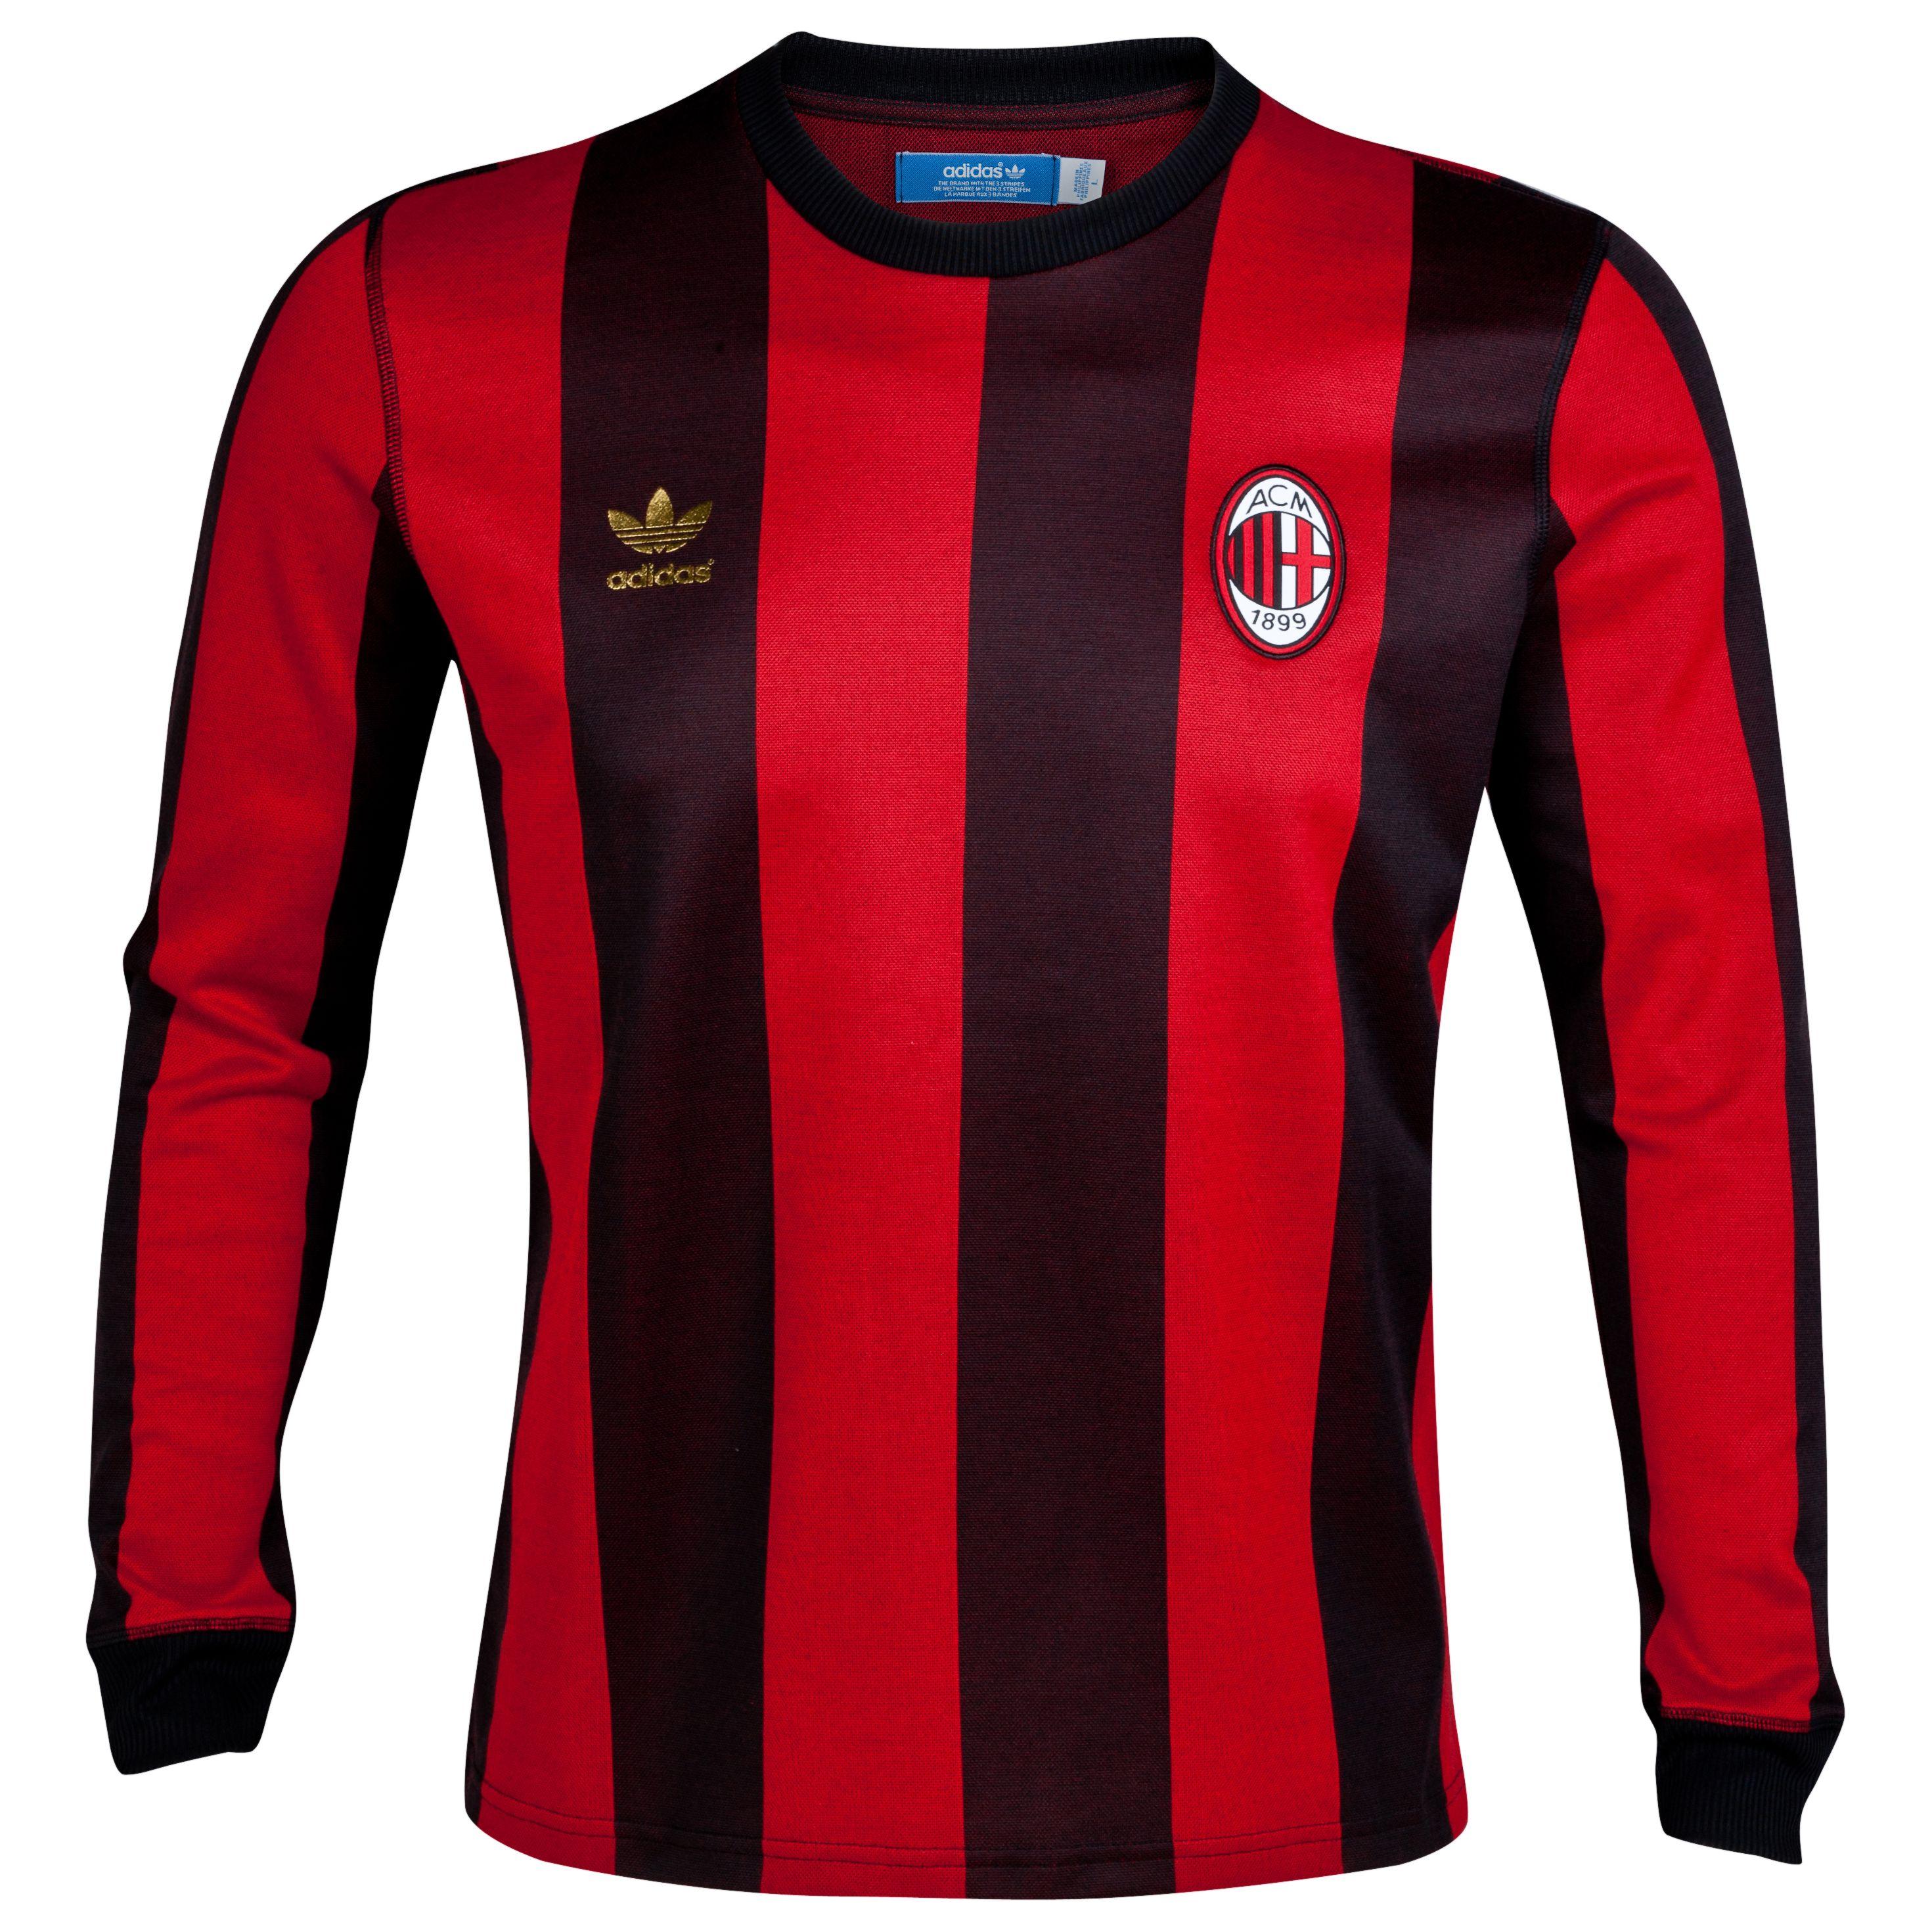 Camiseta ADIDAS retro del AC Milan  edd44f62b2ddd